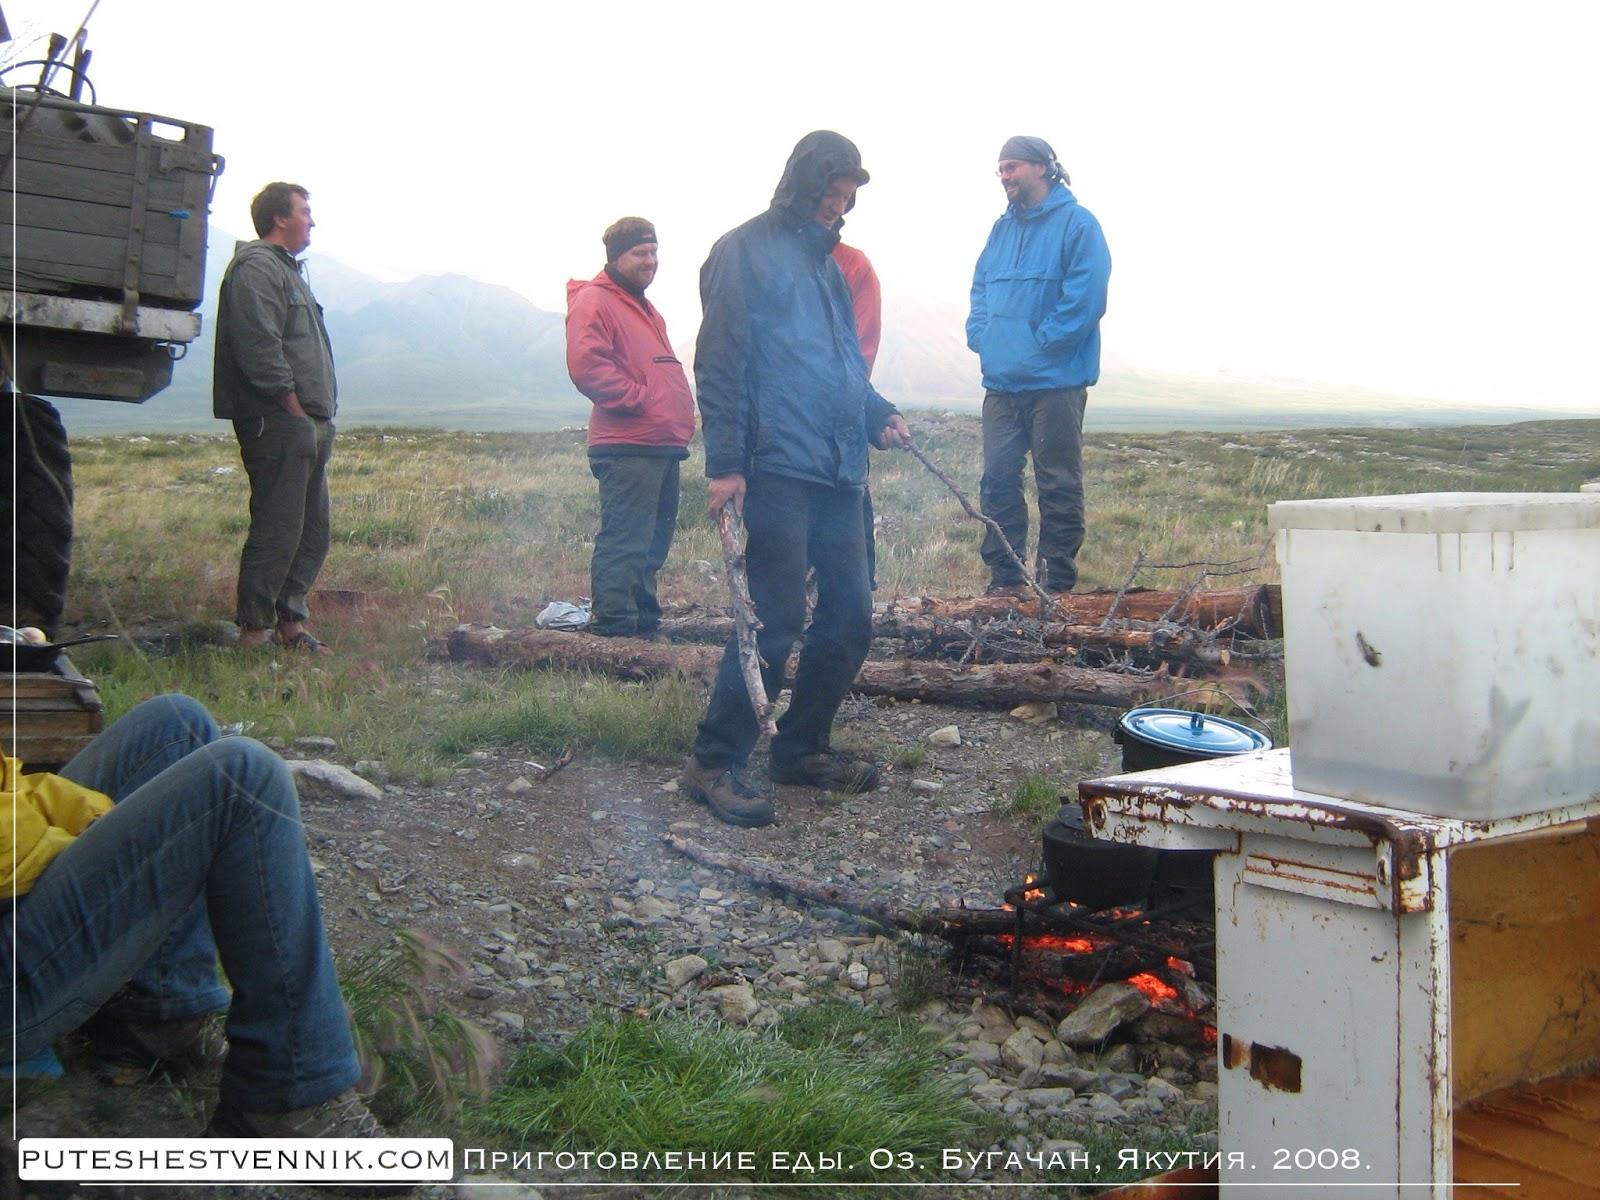 Путешественники готовят еду на костре